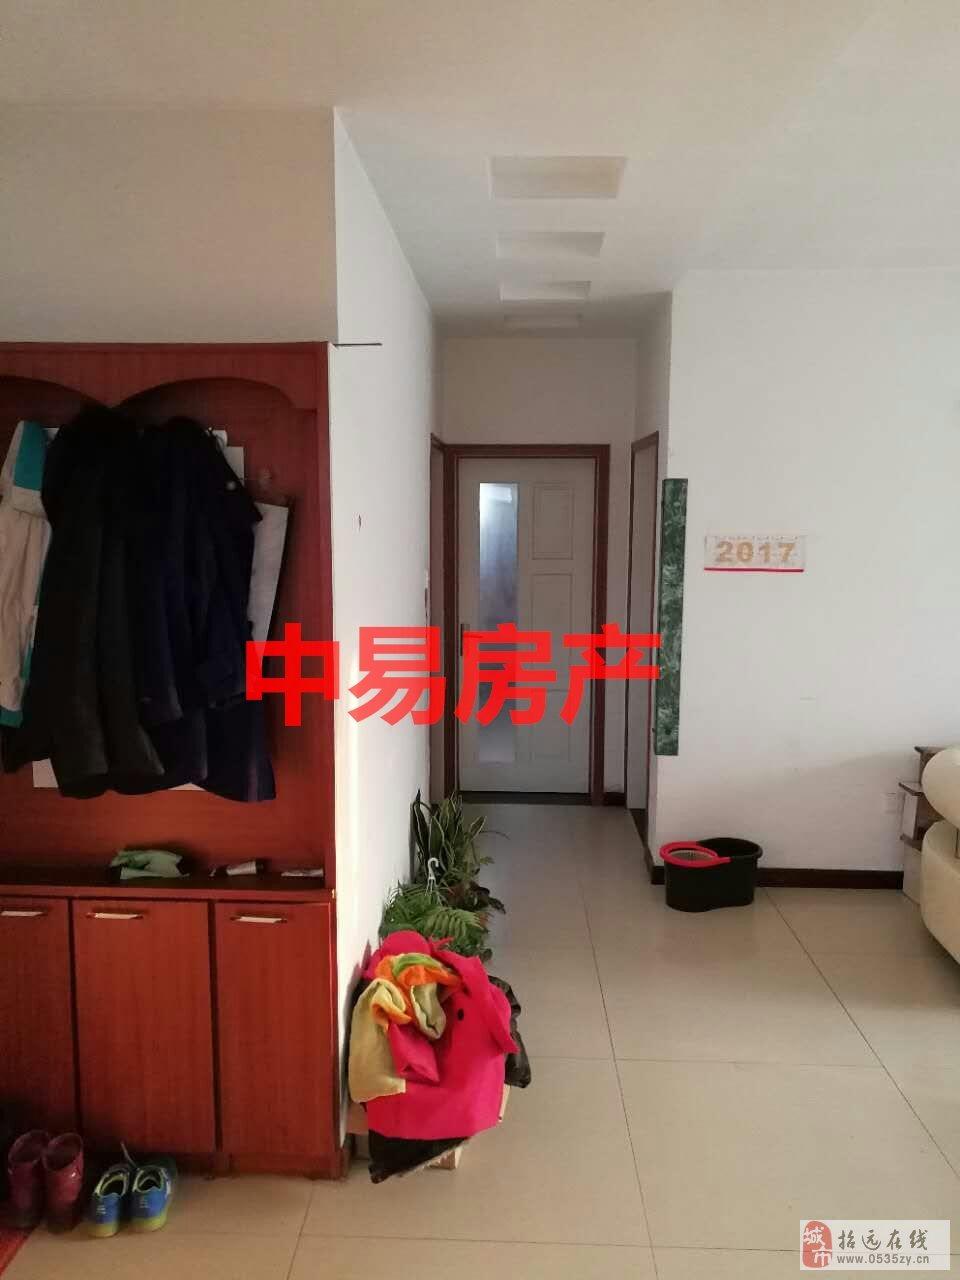 招远出售滨河花园6楼阁楼70平3室1厅1卫25万元